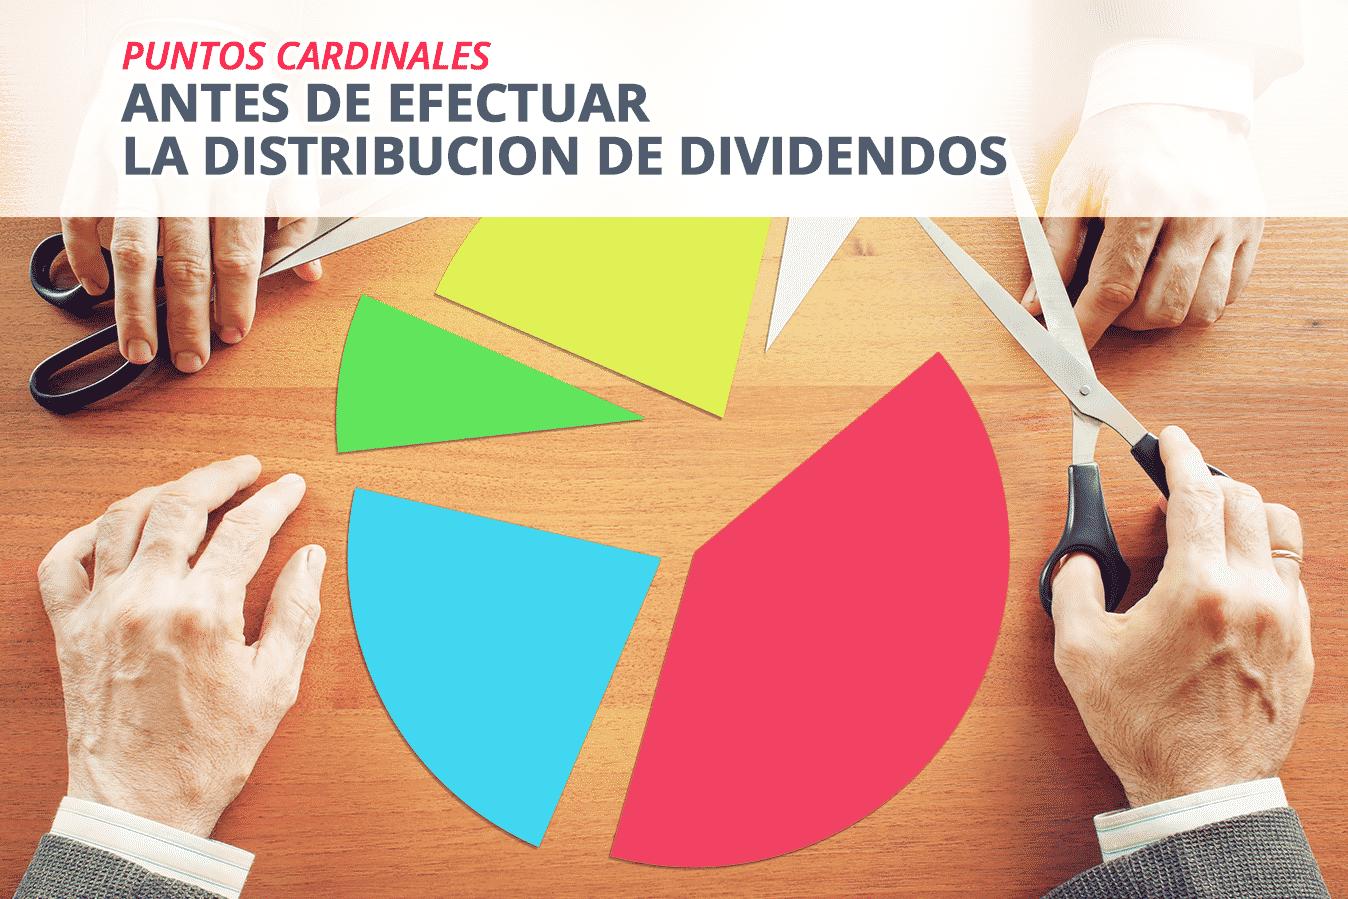 Puntos-Cardinales-Reparticion-Dividendos